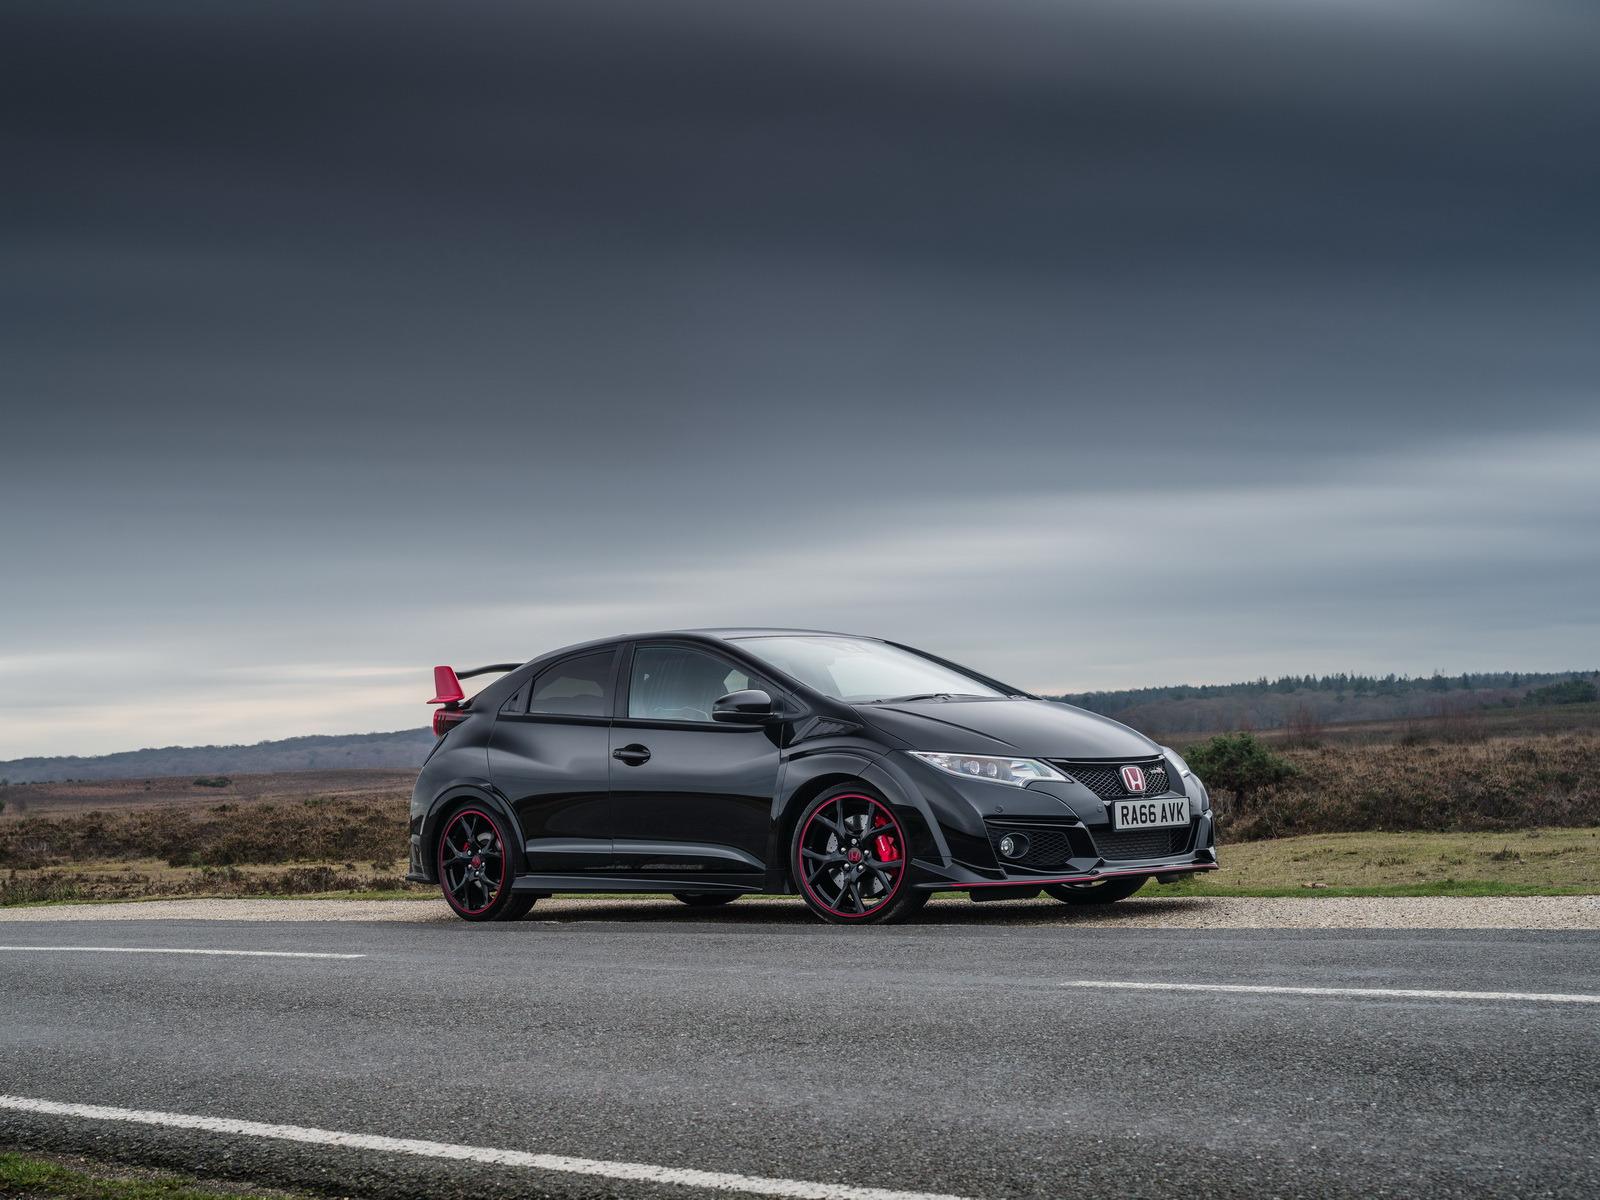 Honda Civic Type R sa lúči limitovanou edíciou Black Edition